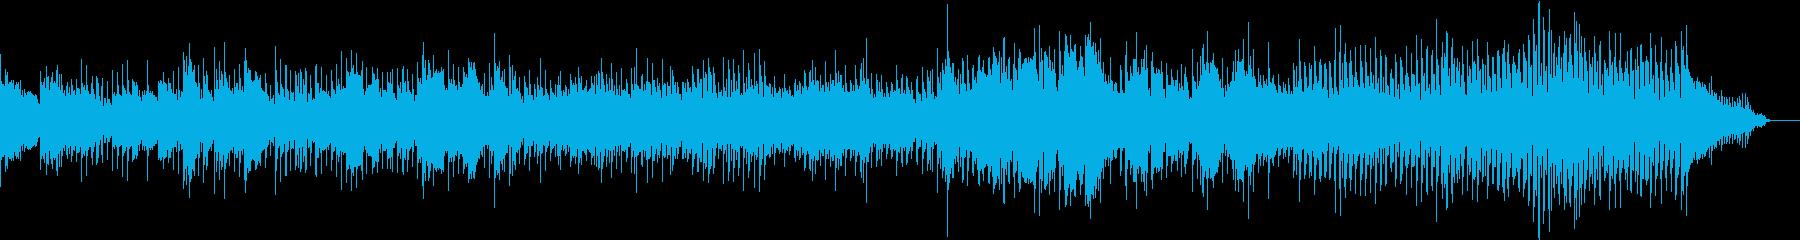 地下で何かが蠢いている様な曲の再生済みの波形